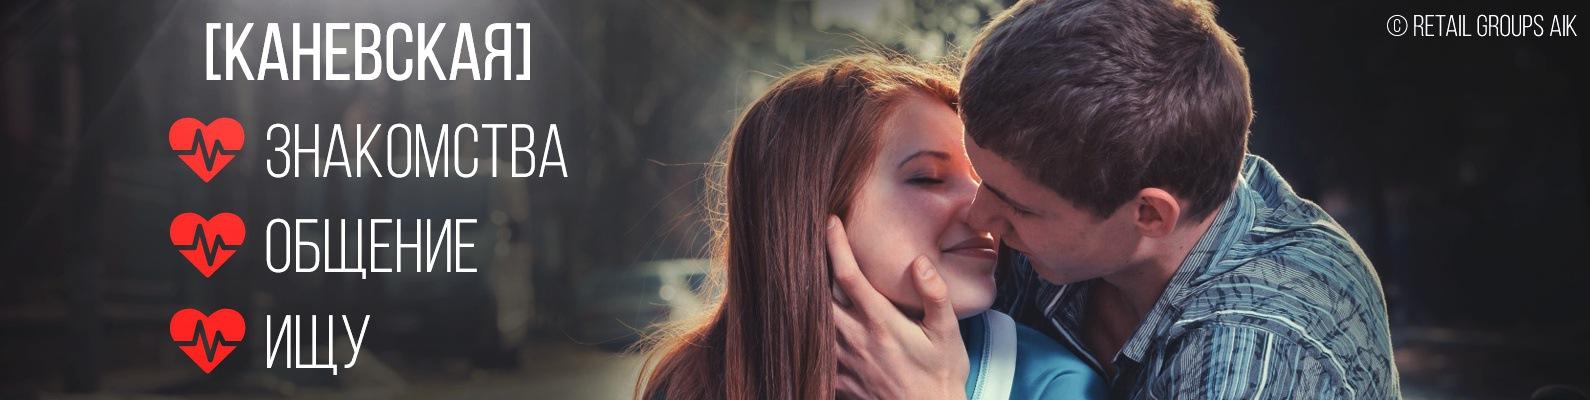 индивидуалки ве камеры на знакомства секс